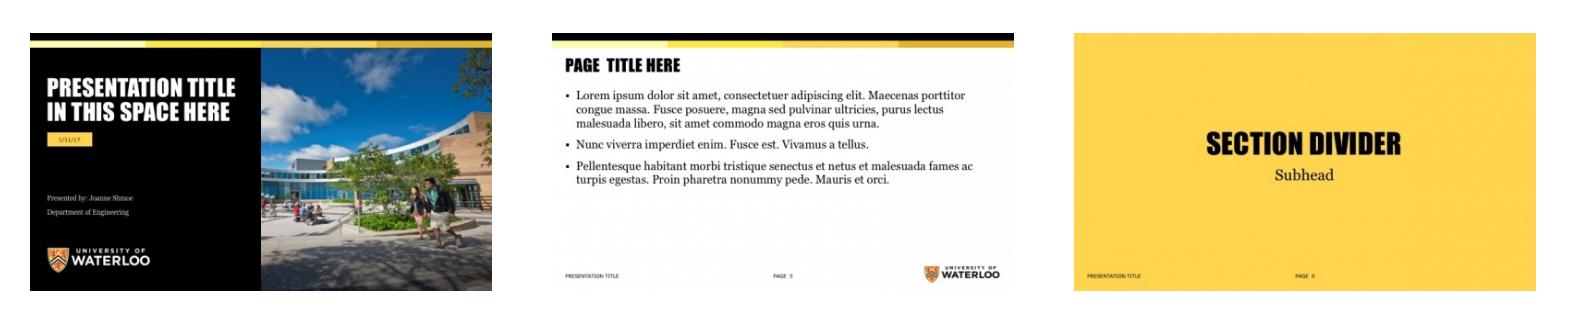 Presentation template sample slides